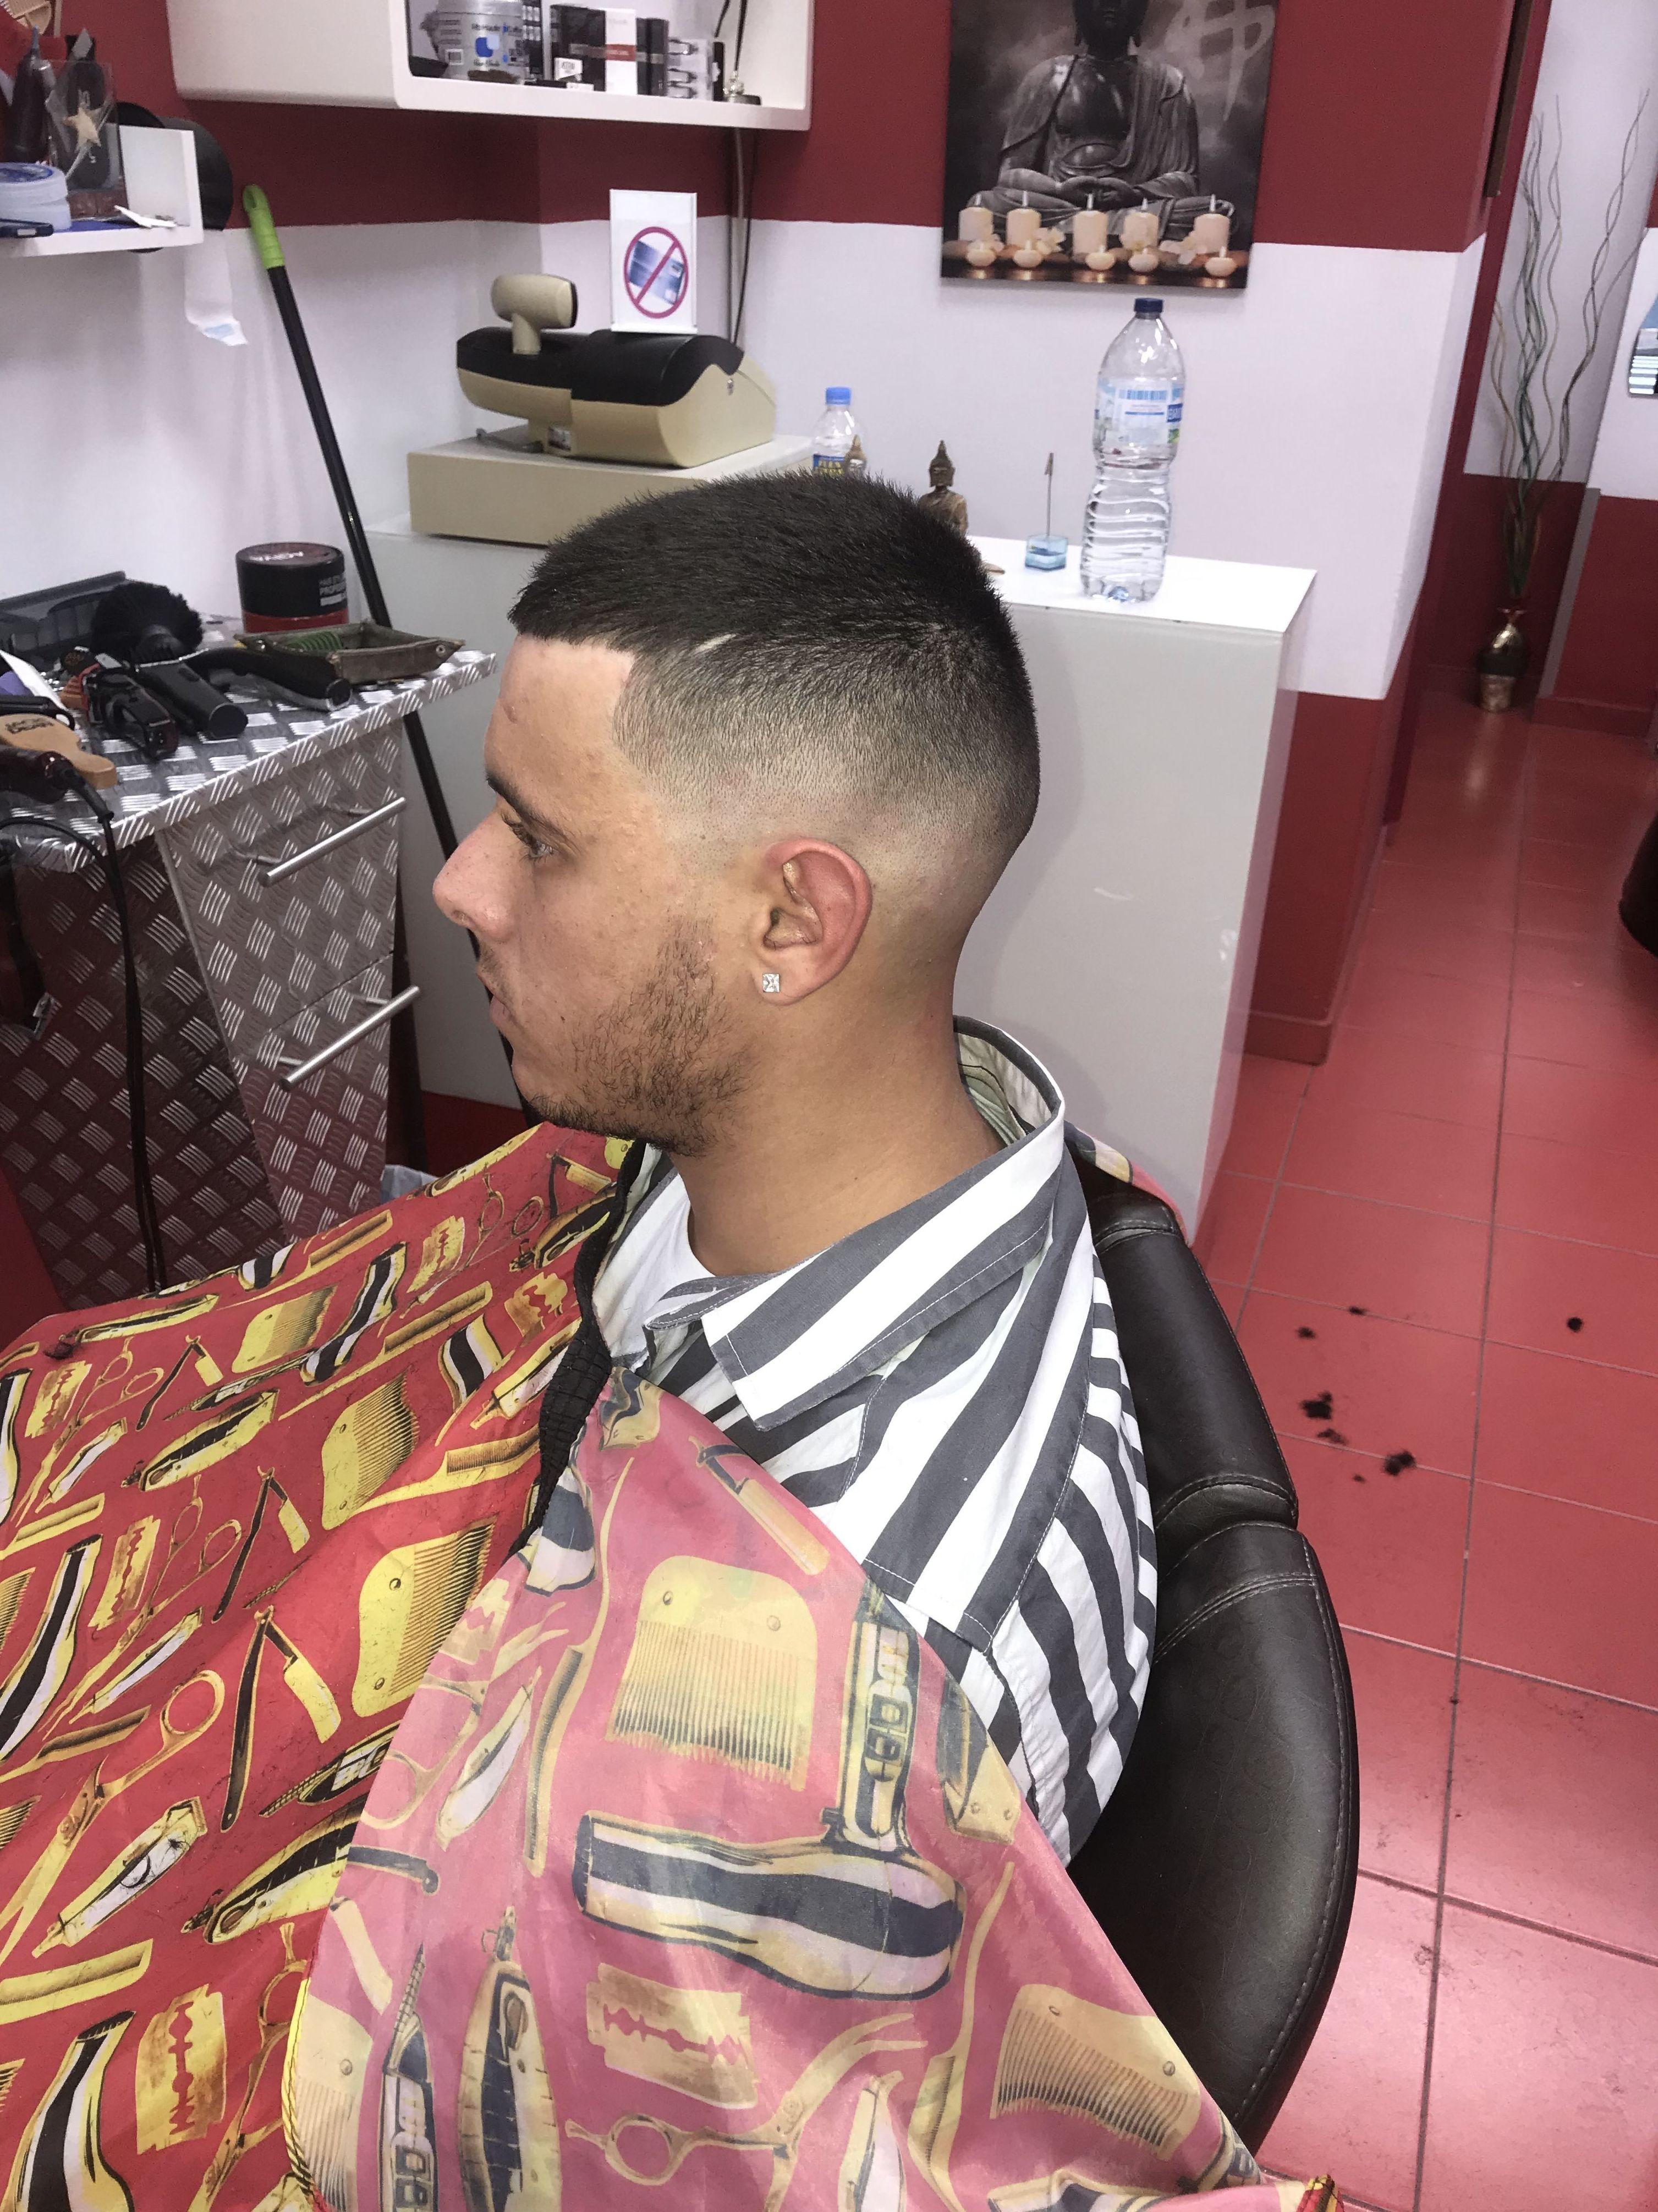 Foto 13 de Peluquería unisex y barbería en  | Janlet Barber Shop Unisex